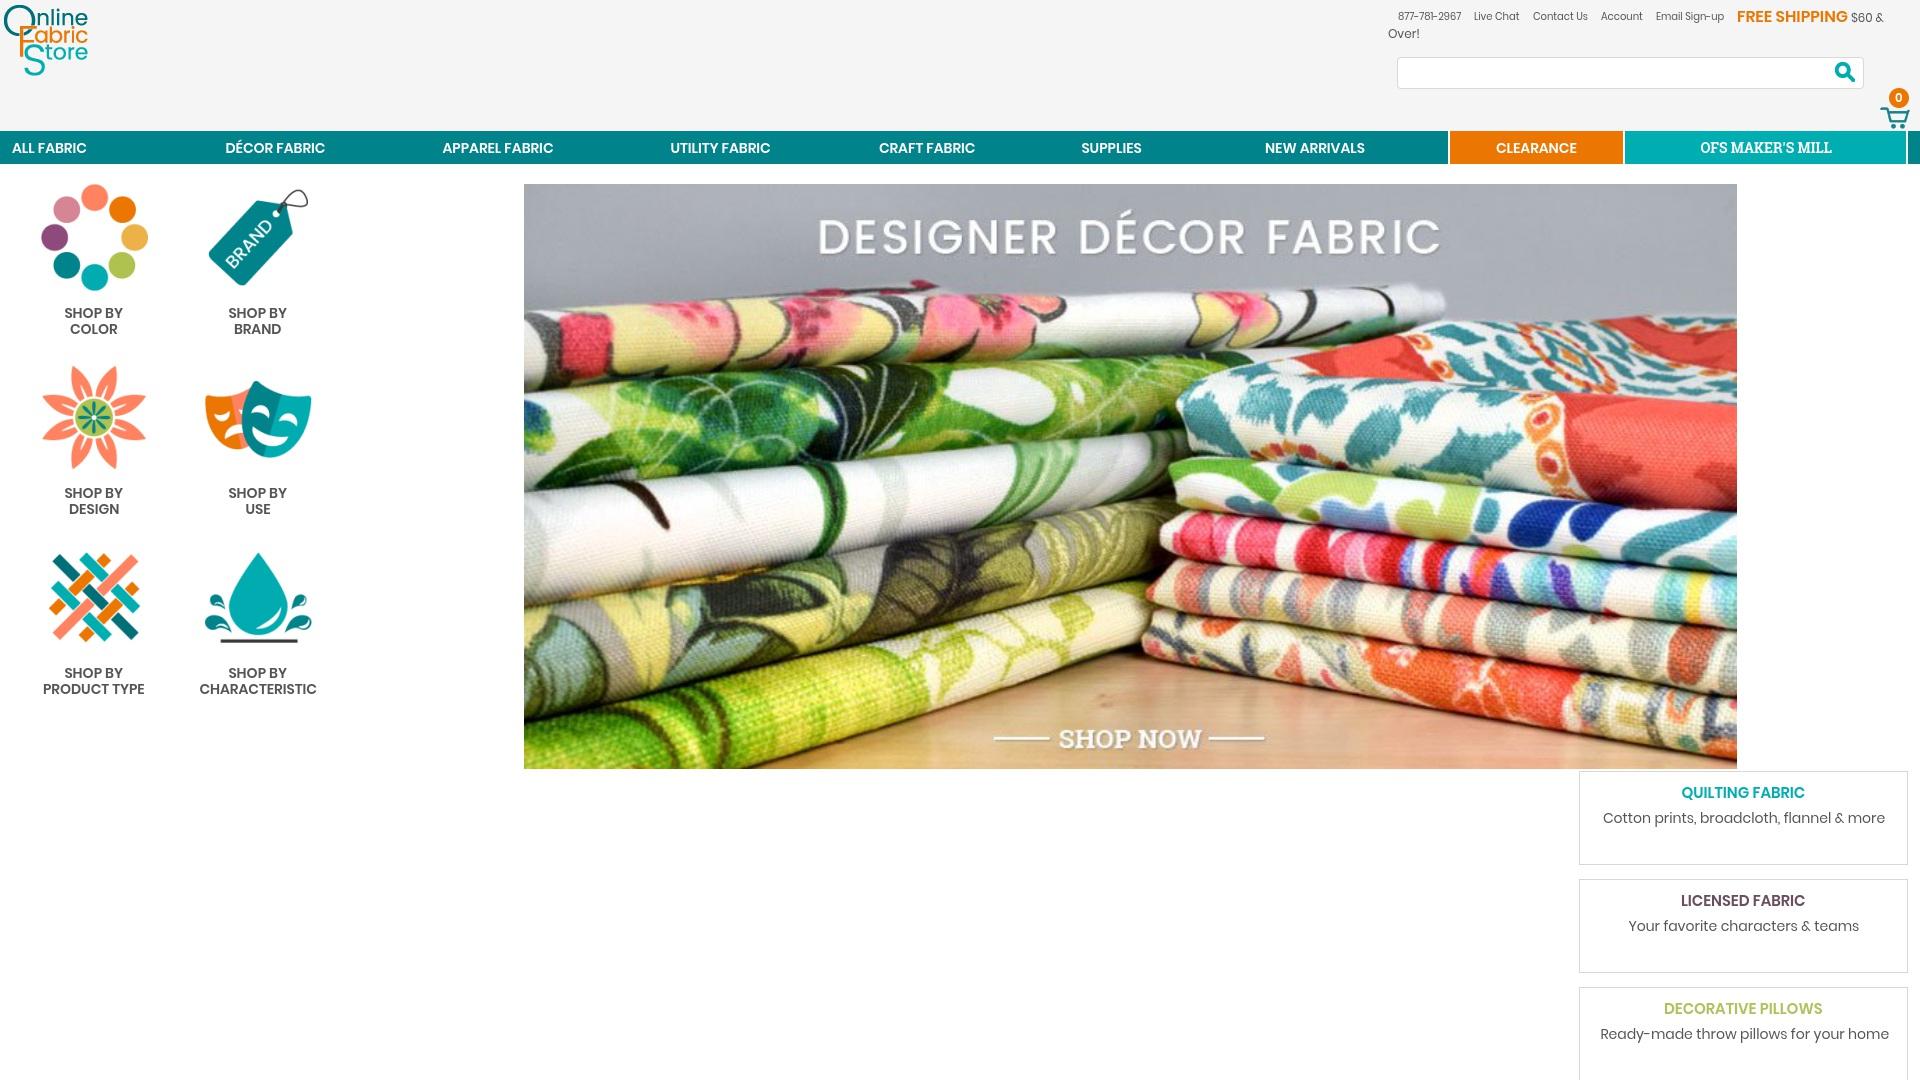 Gutschein für Onlinefabricstore: Rabatte für  Onlinefabricstore sichern